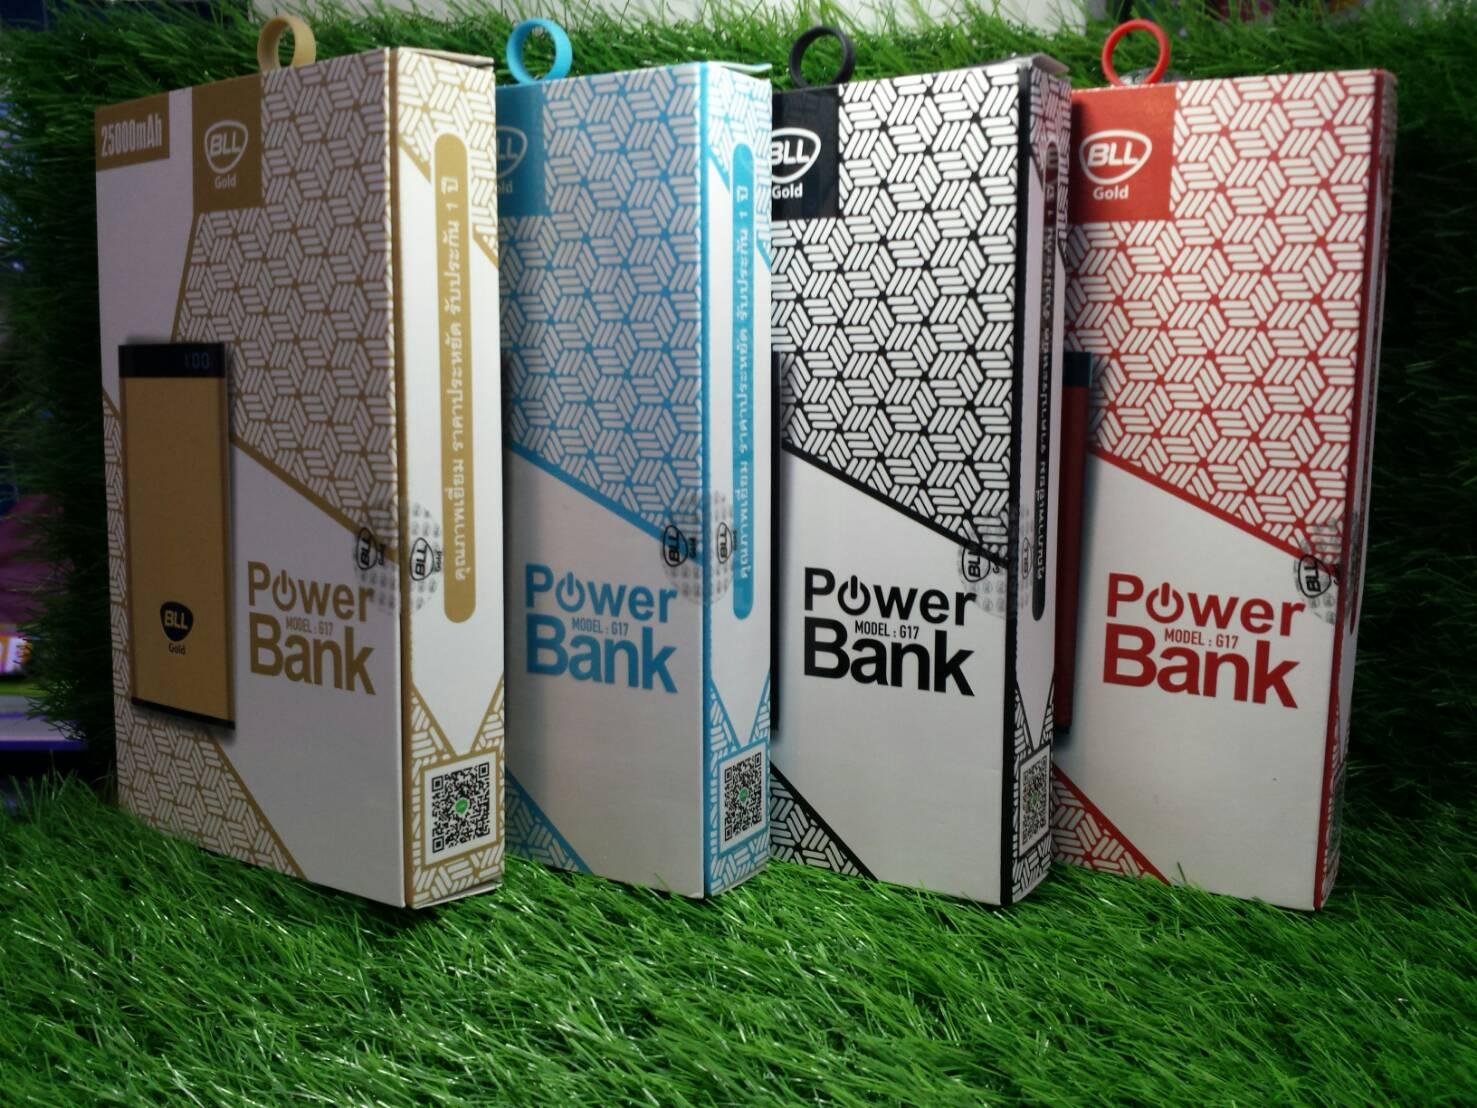 แบตสำรอง Power Bank BLL 25000mAh รุ่นใหม่ แภมพัดลมมือถือมูลค่า199